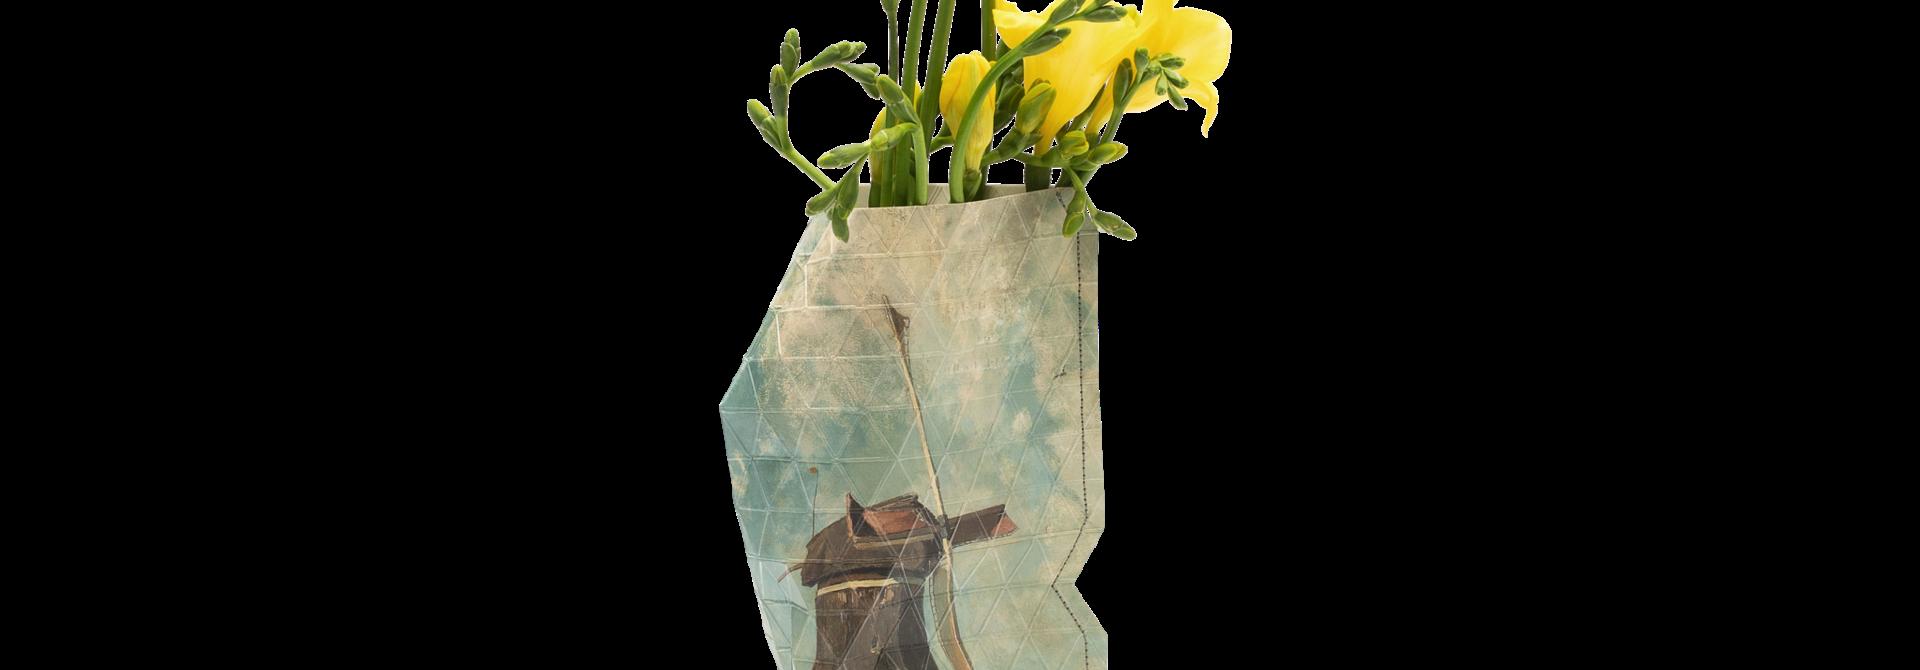 NEW: Paper Vase Cover Windmill - Gabriël small